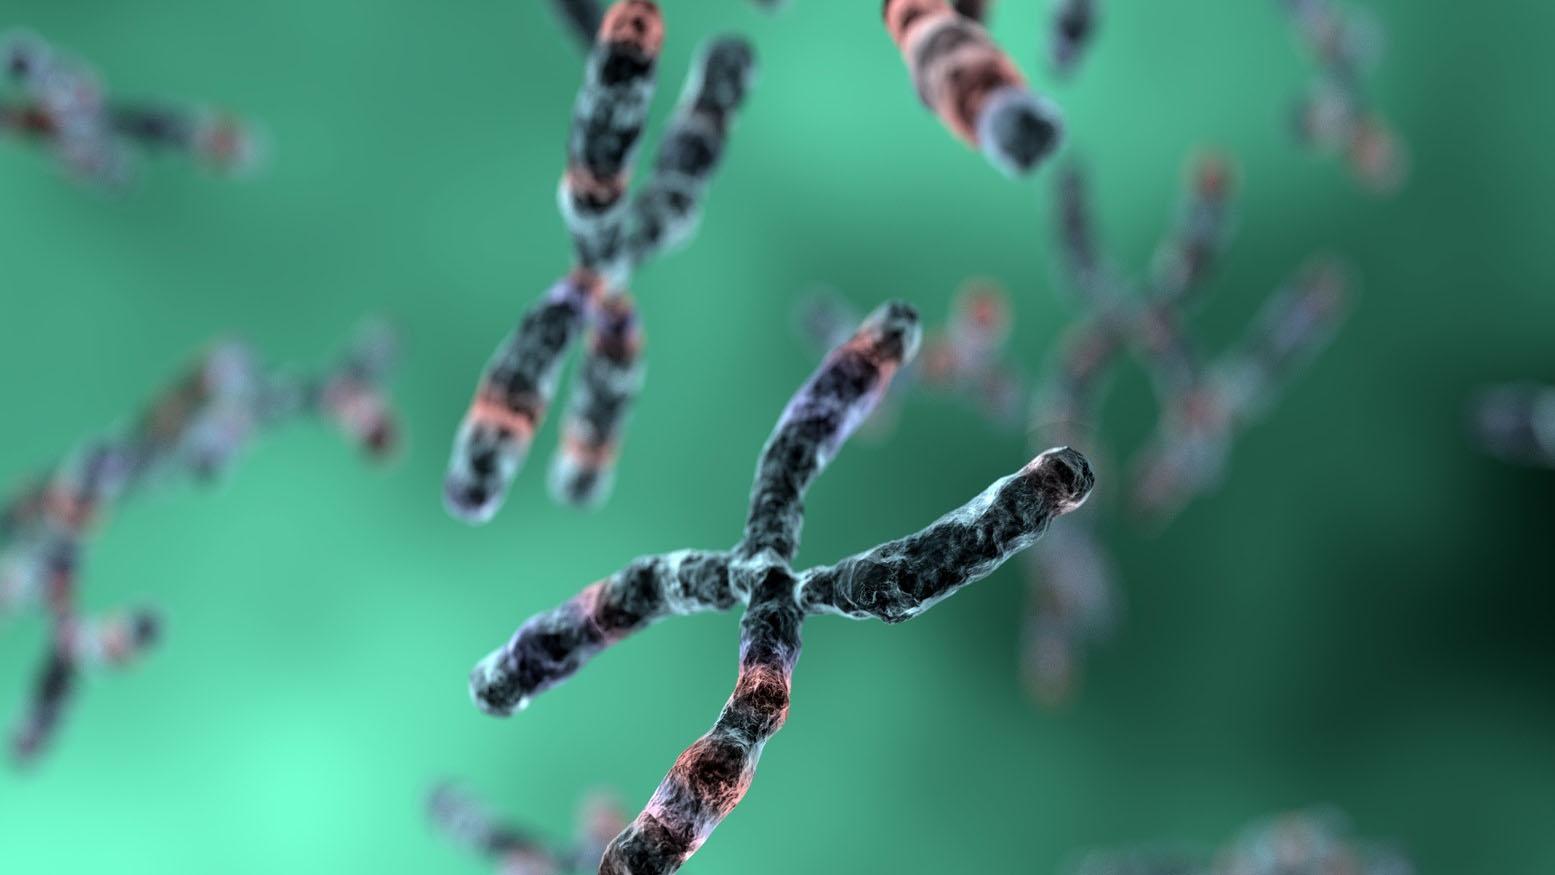 Expertos demostraron que la porción funcional del genoma es aquella que surgió a través del mismo y se mantiene por selección natural